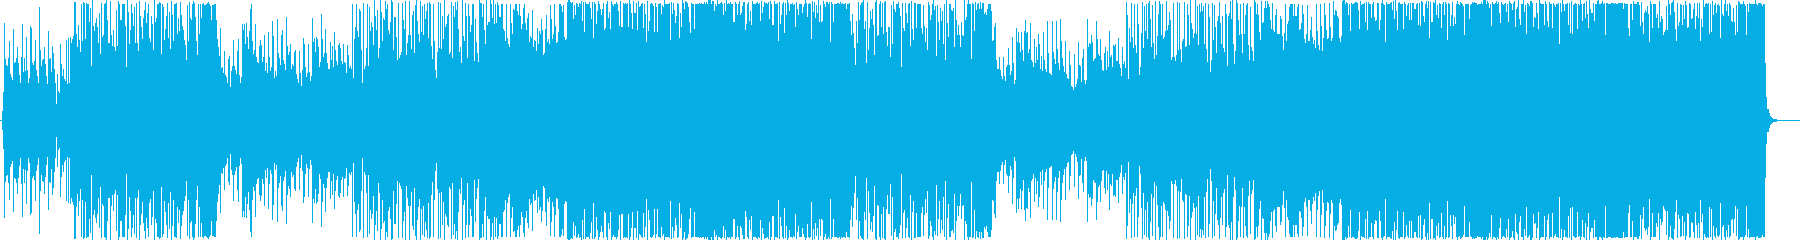 和風ロック系インストの再生済みの波形